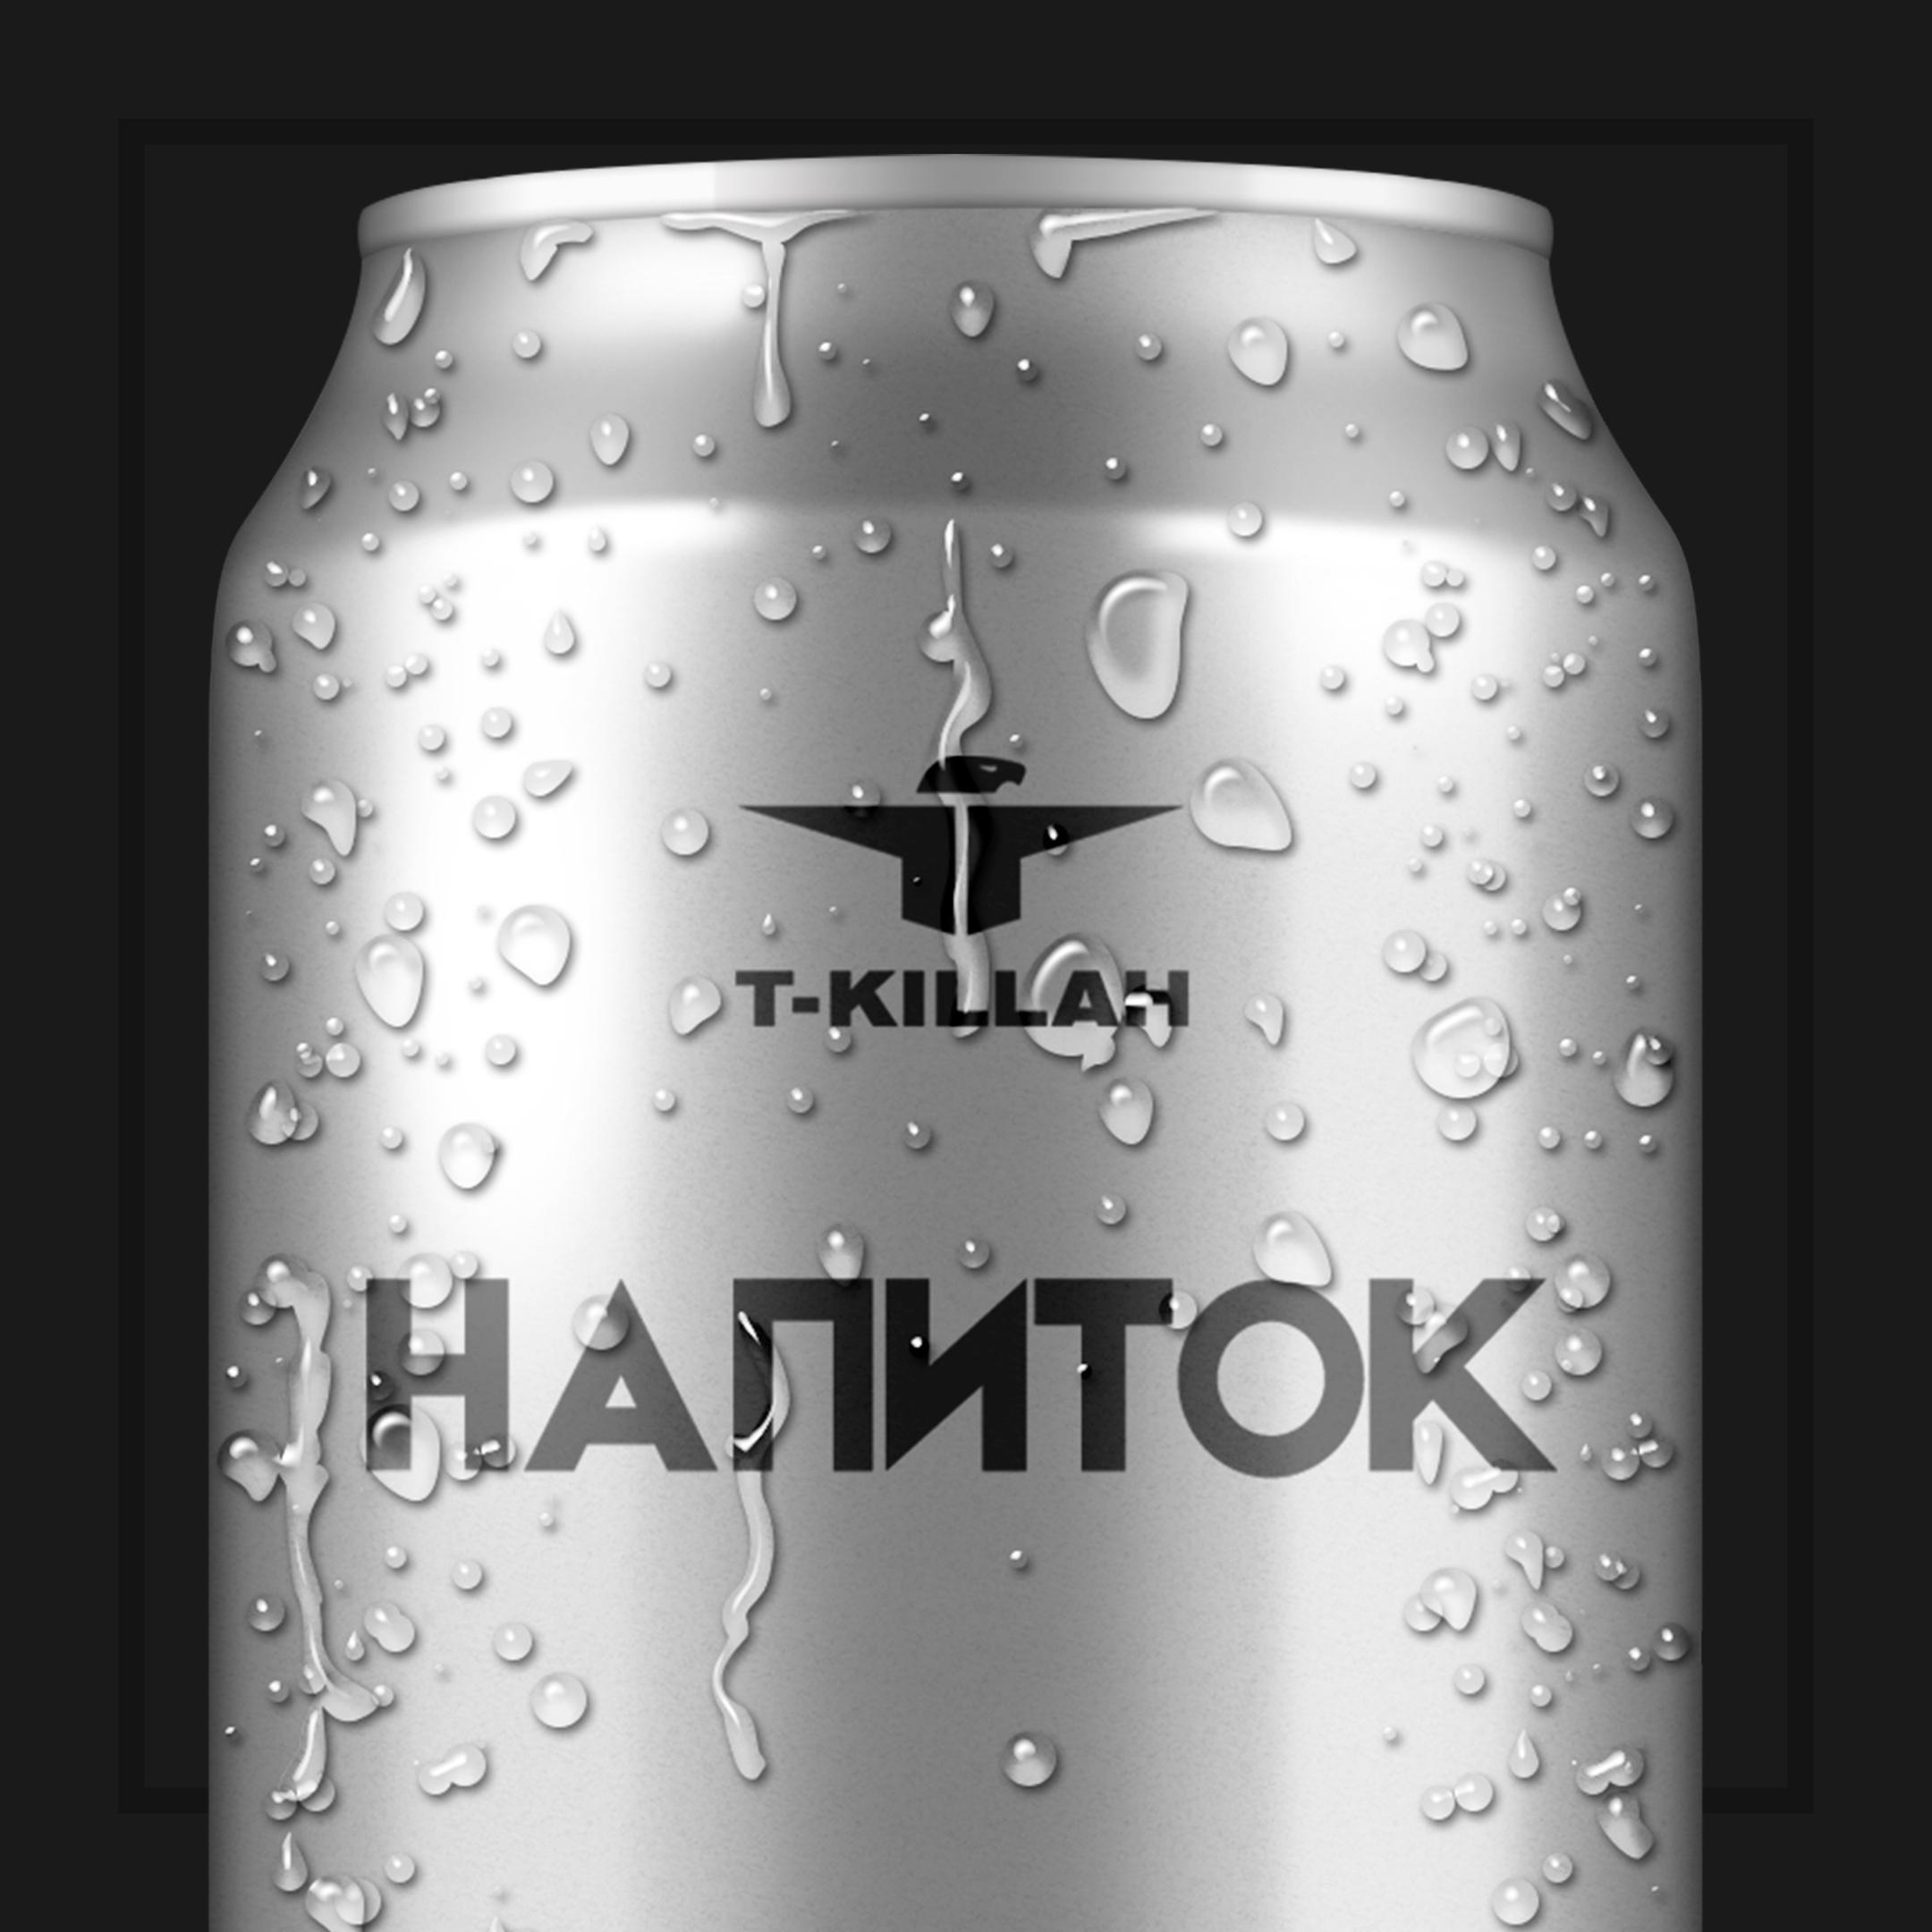 T-killah